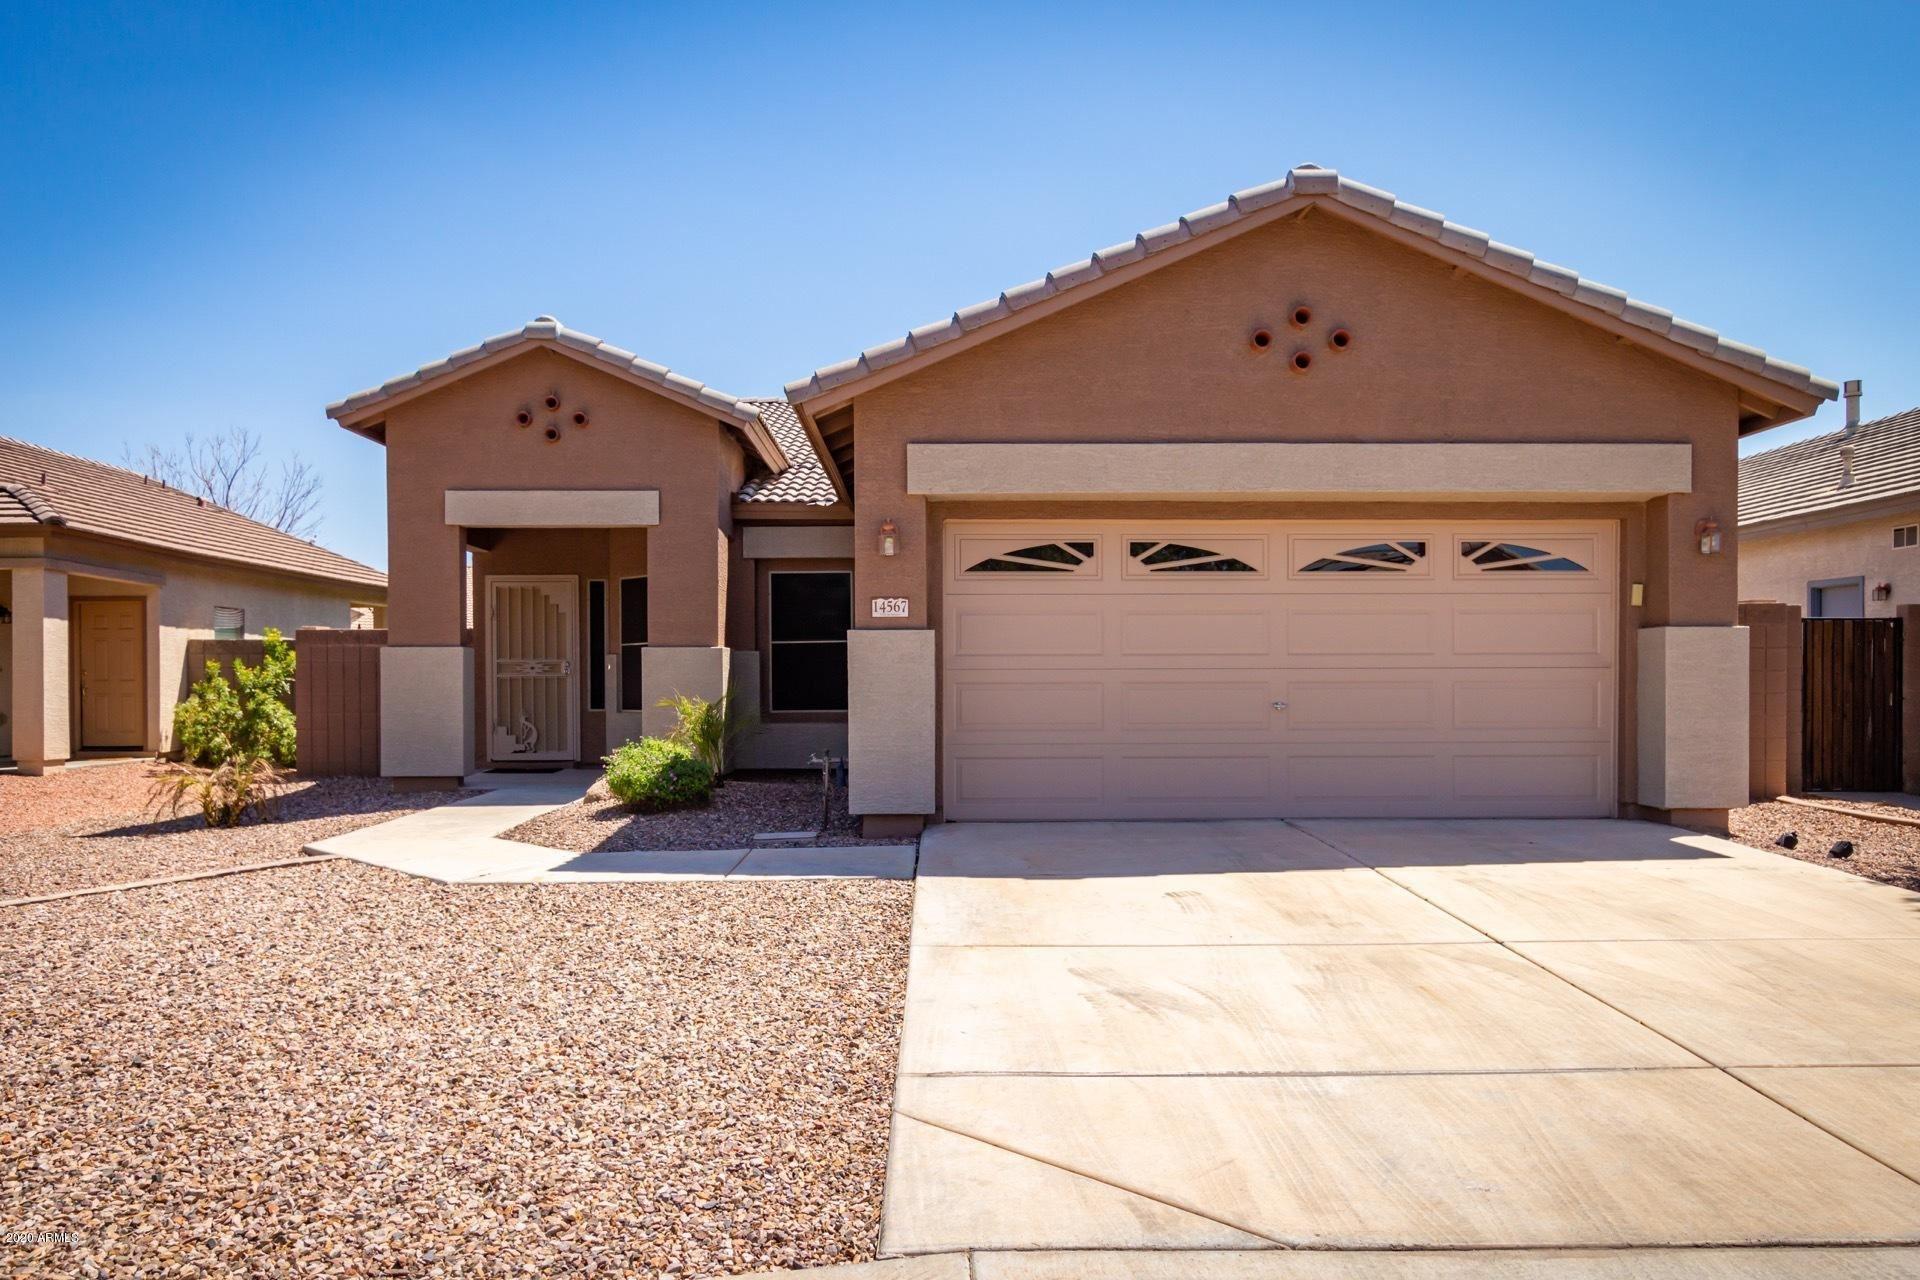 14567 W CROCUS Drive, Surprise, AZ 85379 - MLS#: 6101563